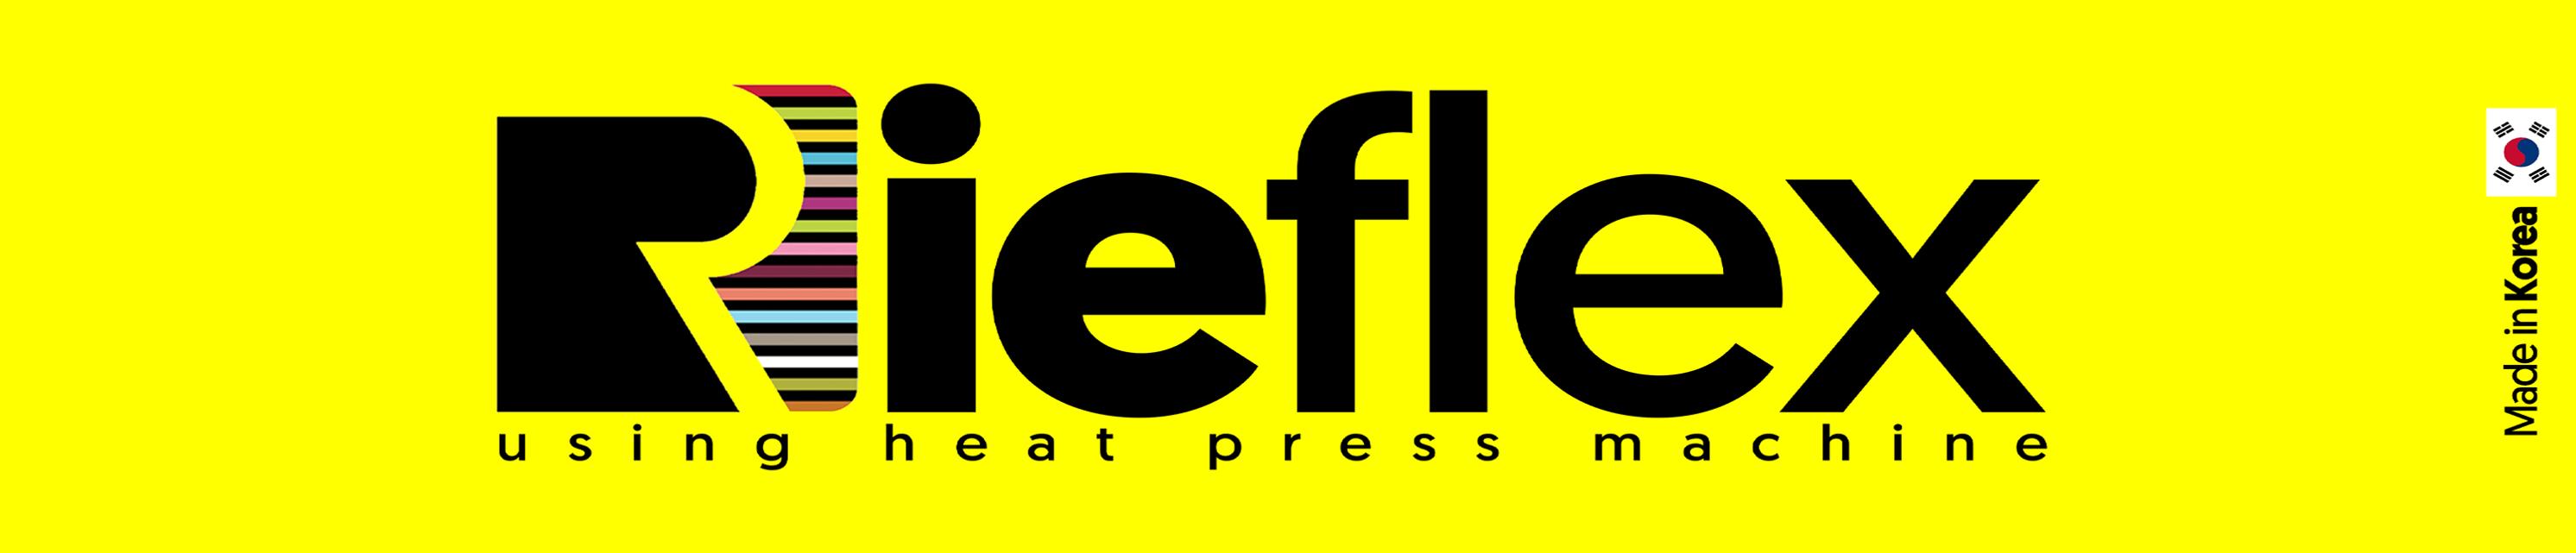 RIEFLEX